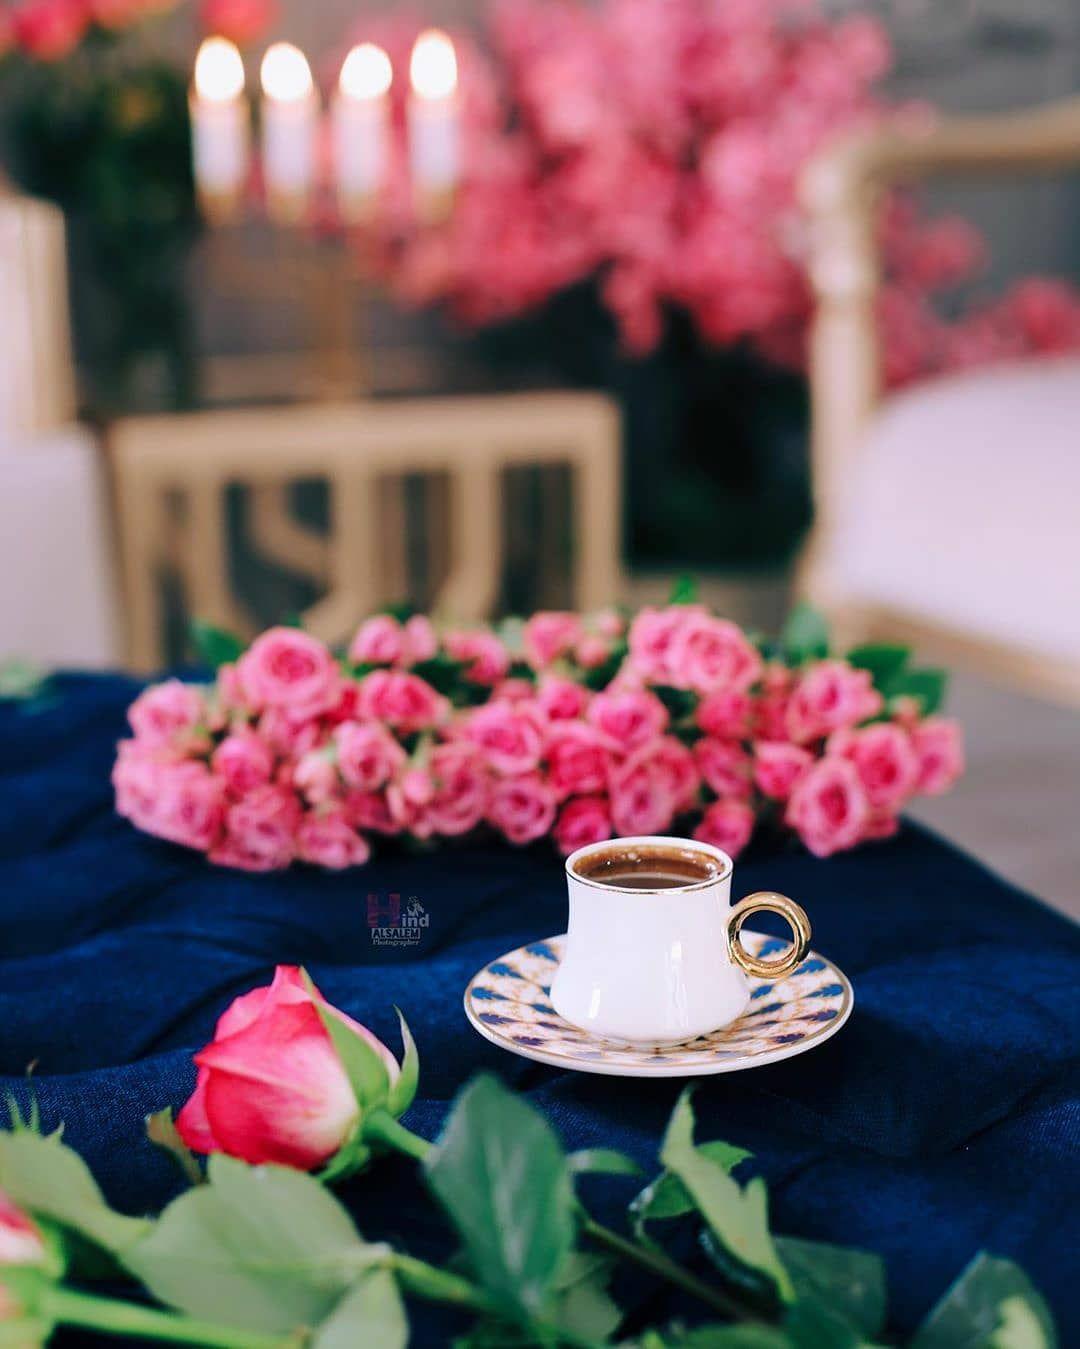 أكبر حساب رمزيــــات On Instagram لا بأس سيصلح الله كل شيء في وقته Table Decorations Decor Table